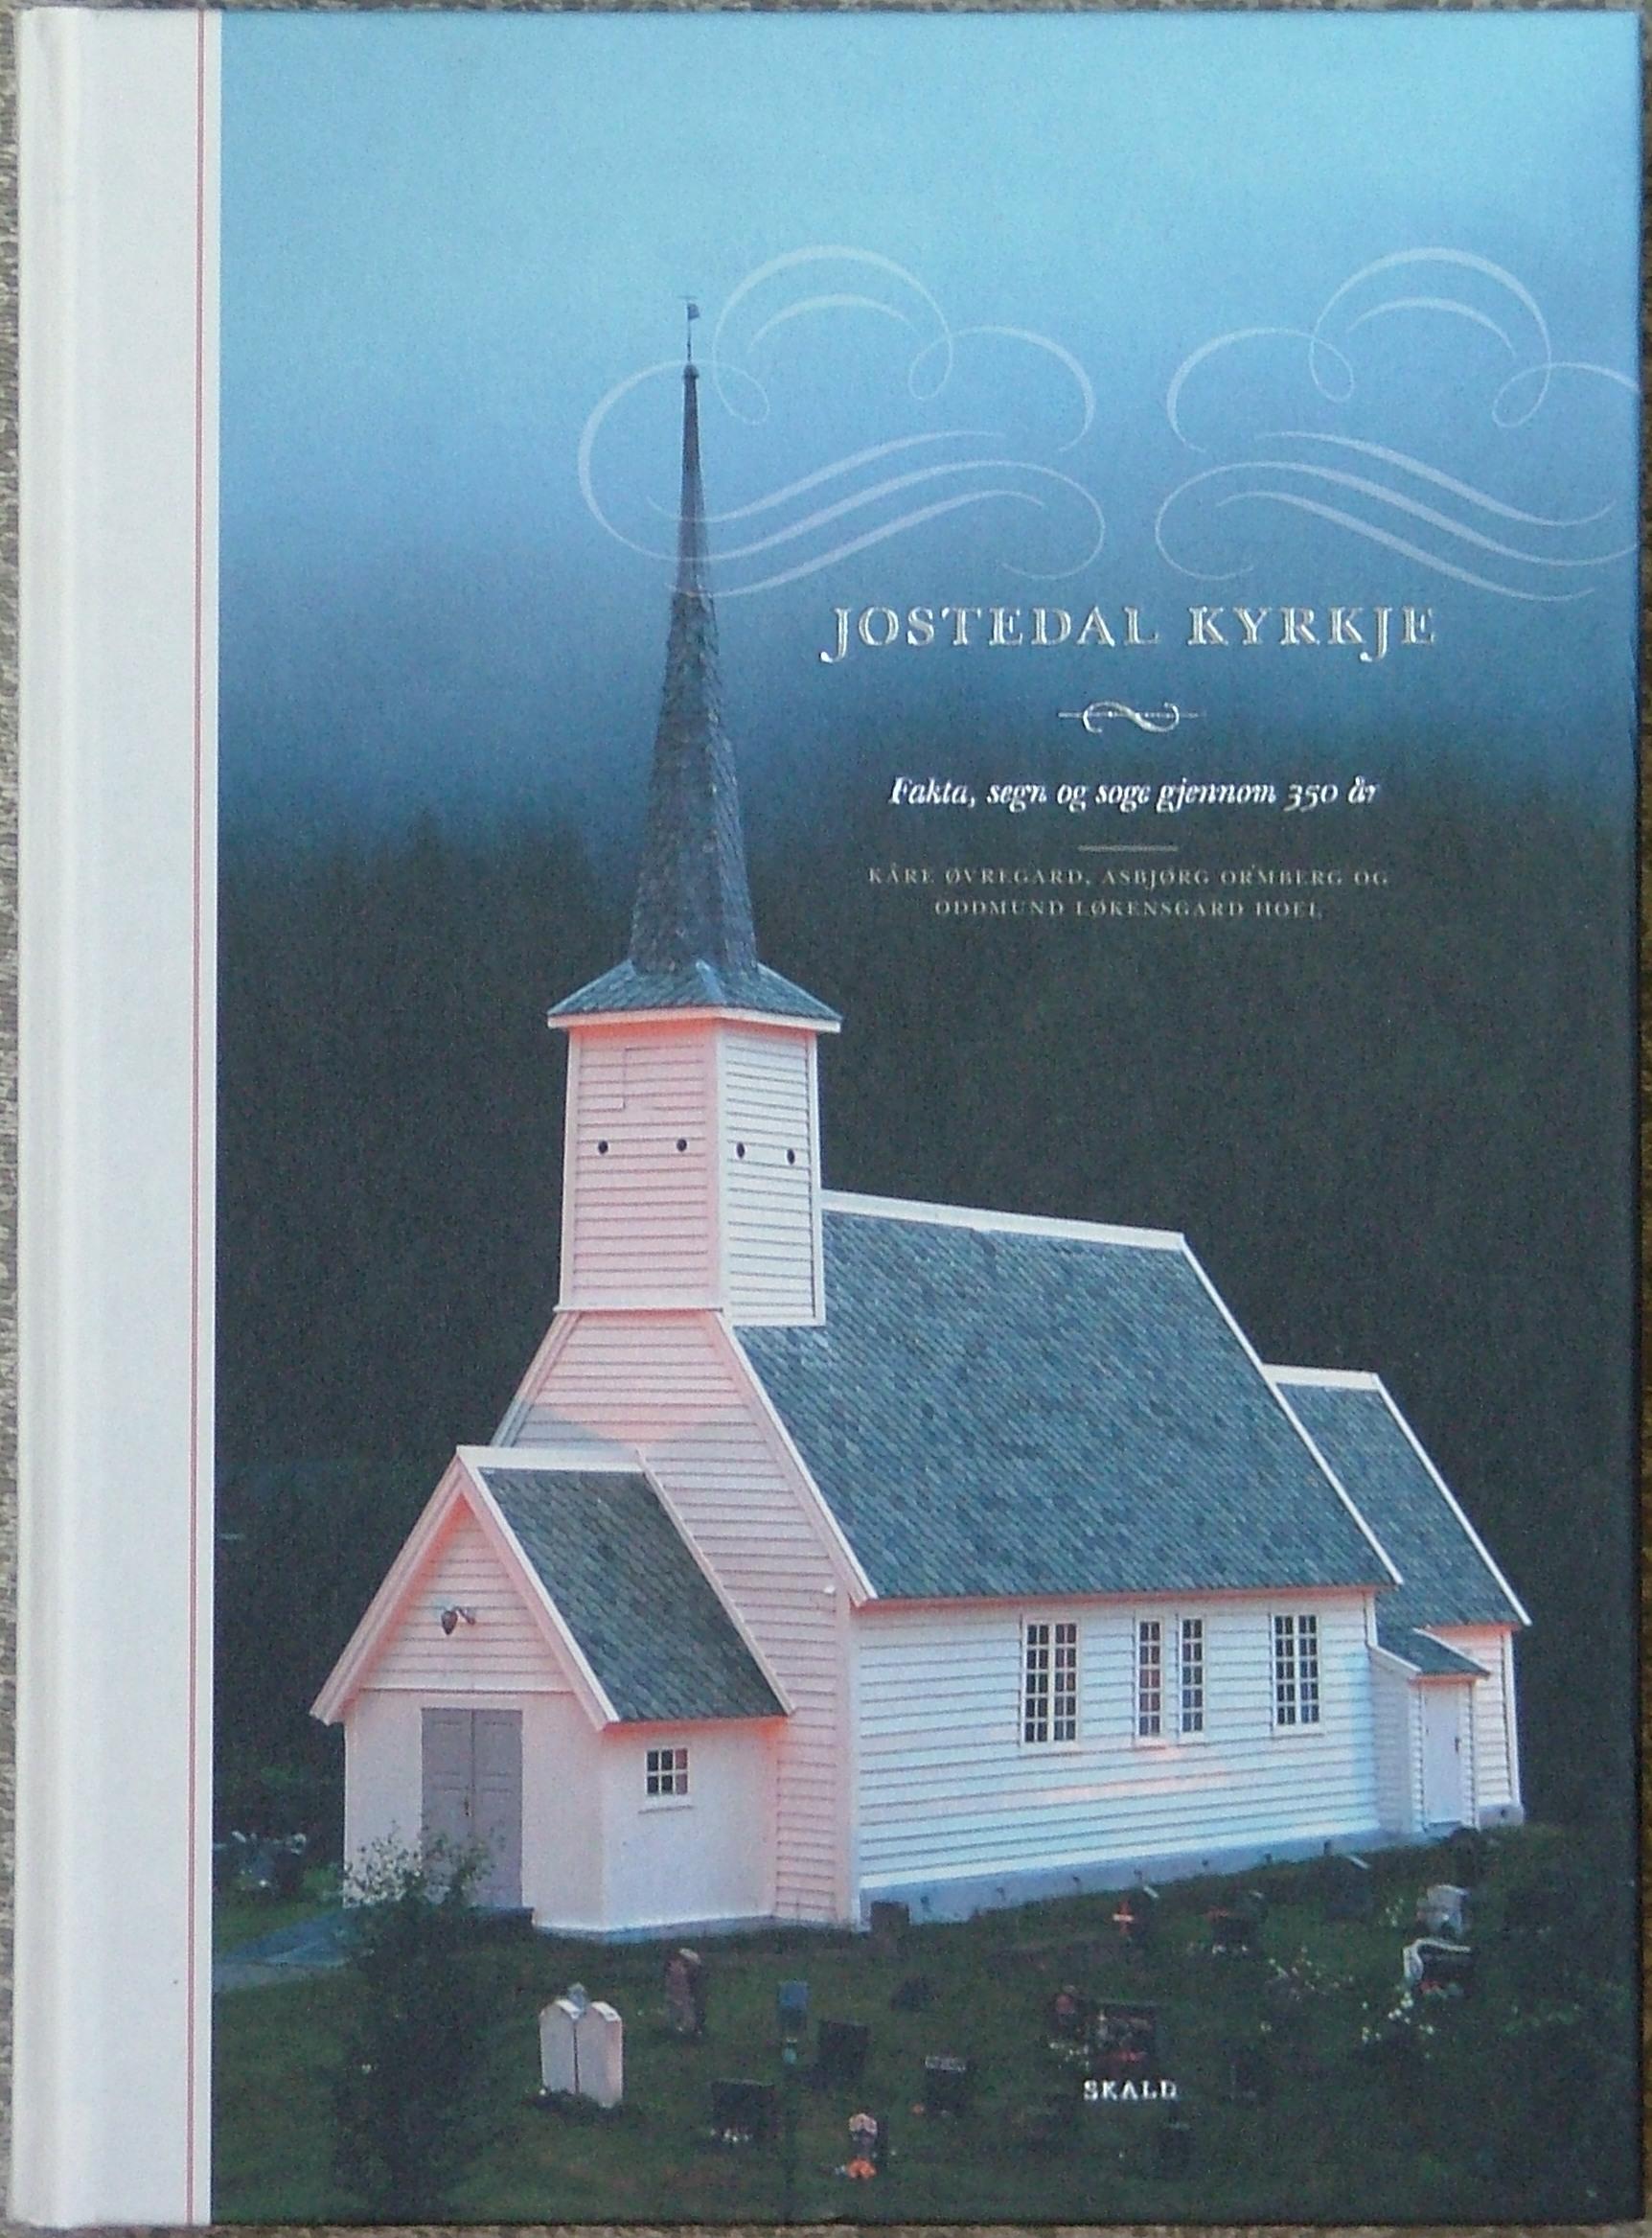 Omslag kyrkjebok